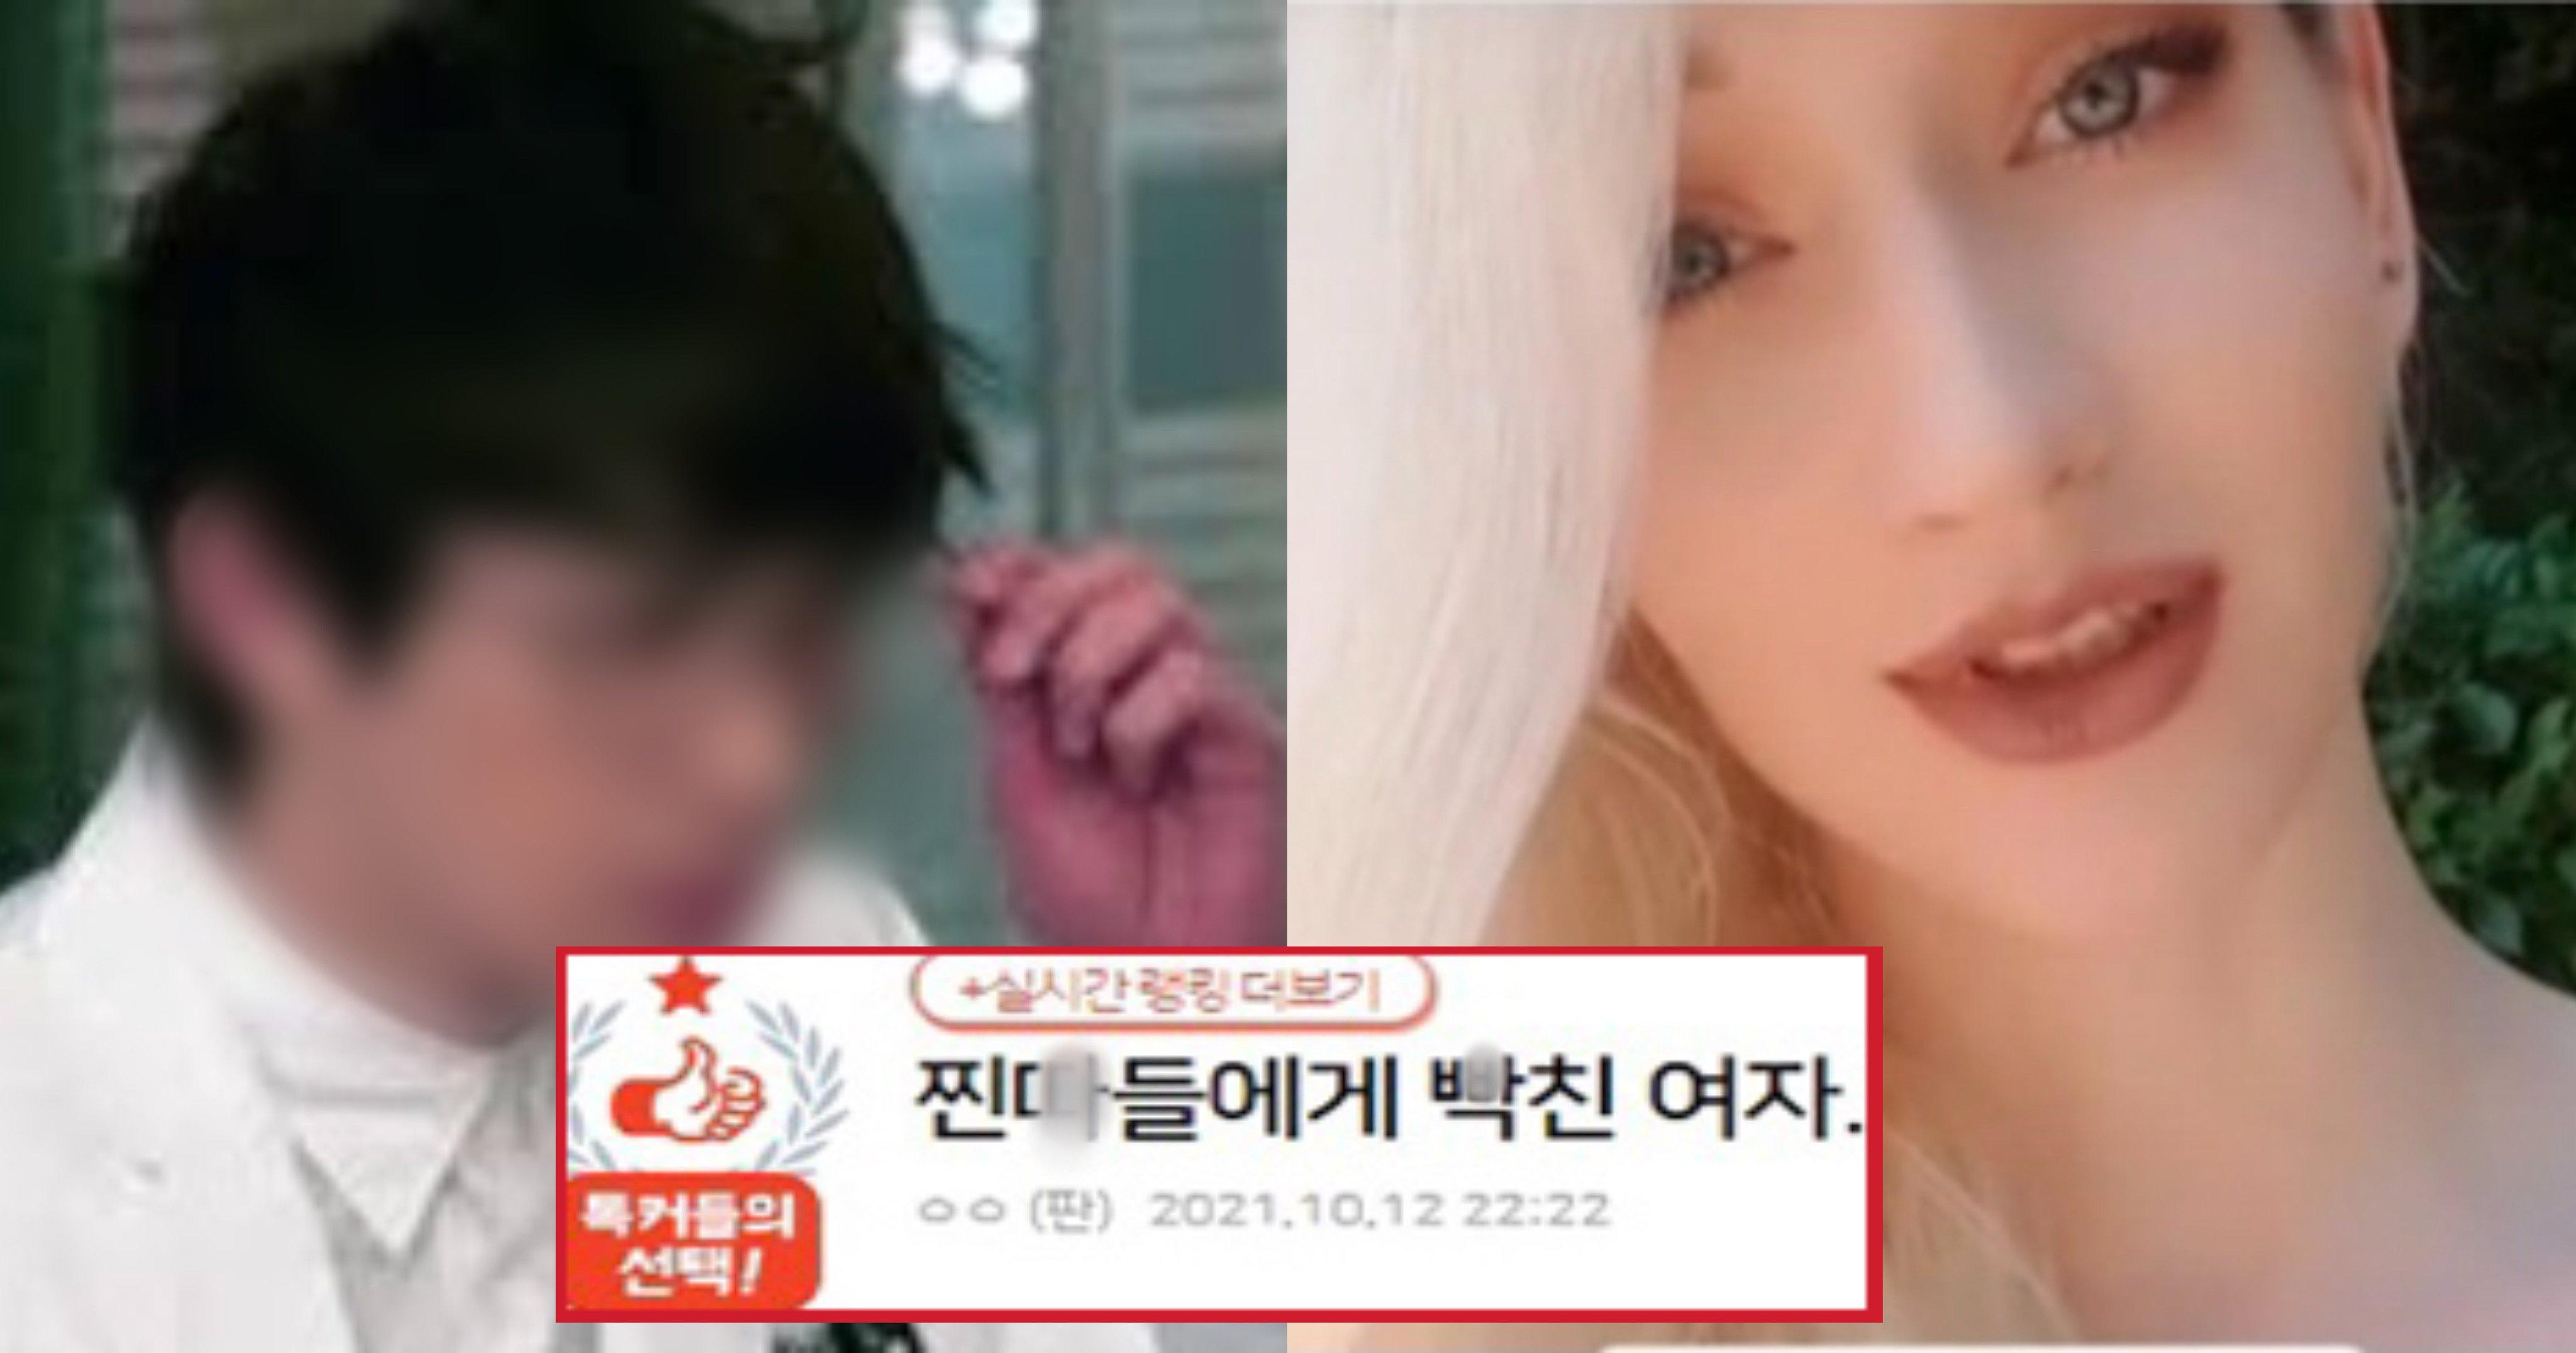 """7a971d8d f145 4079 a73e c9f30ba53870.jpeg?resize=412,232 - """"세계에서 봐도 불쌍해"""" 외국 여자가 직접 말한 인기 없는 한국 남자들 특징"""